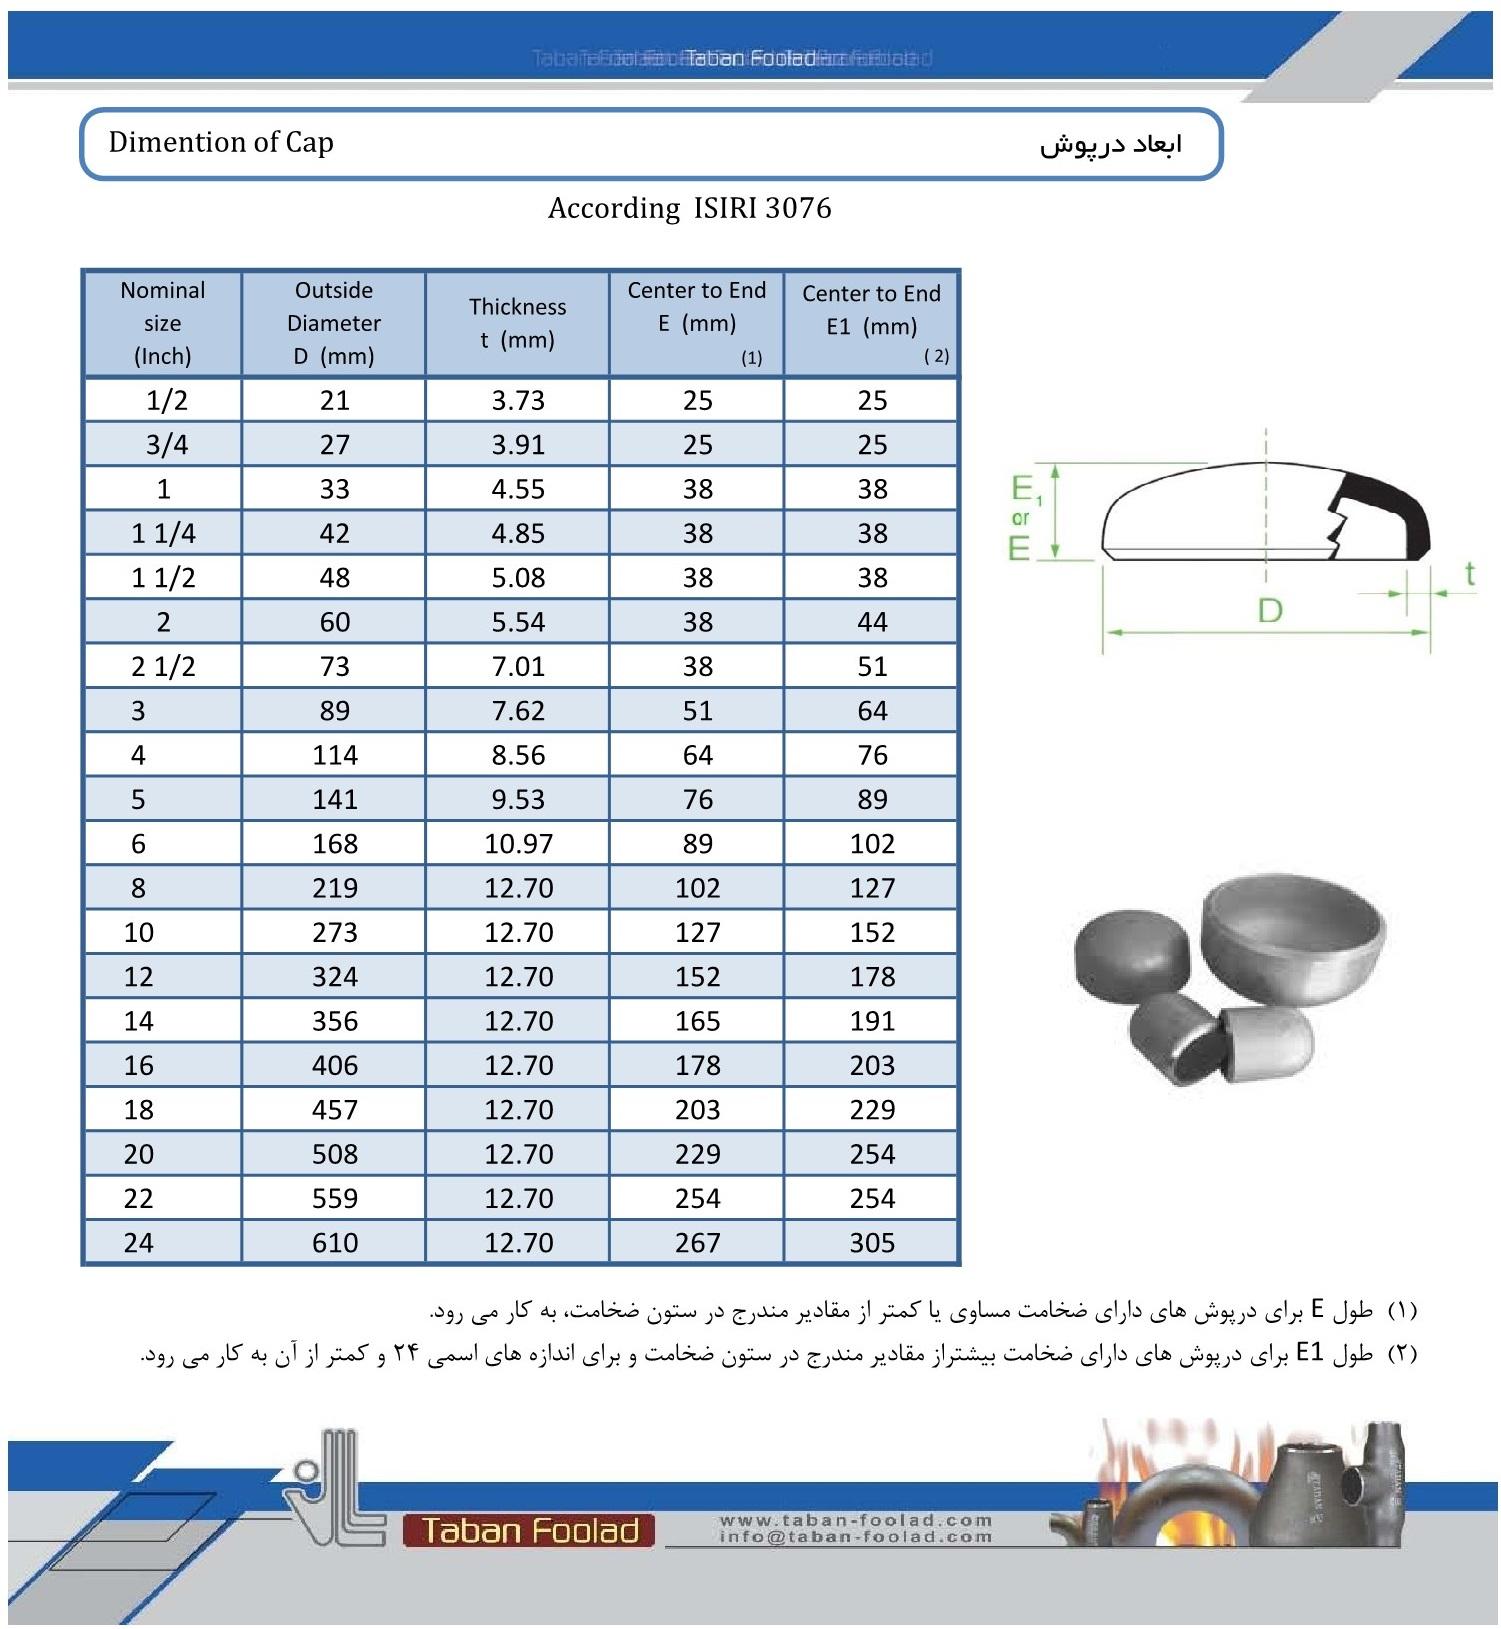 اتصالات جوشی گازی، استاندارد ابعادی درپوش ISIRI3076